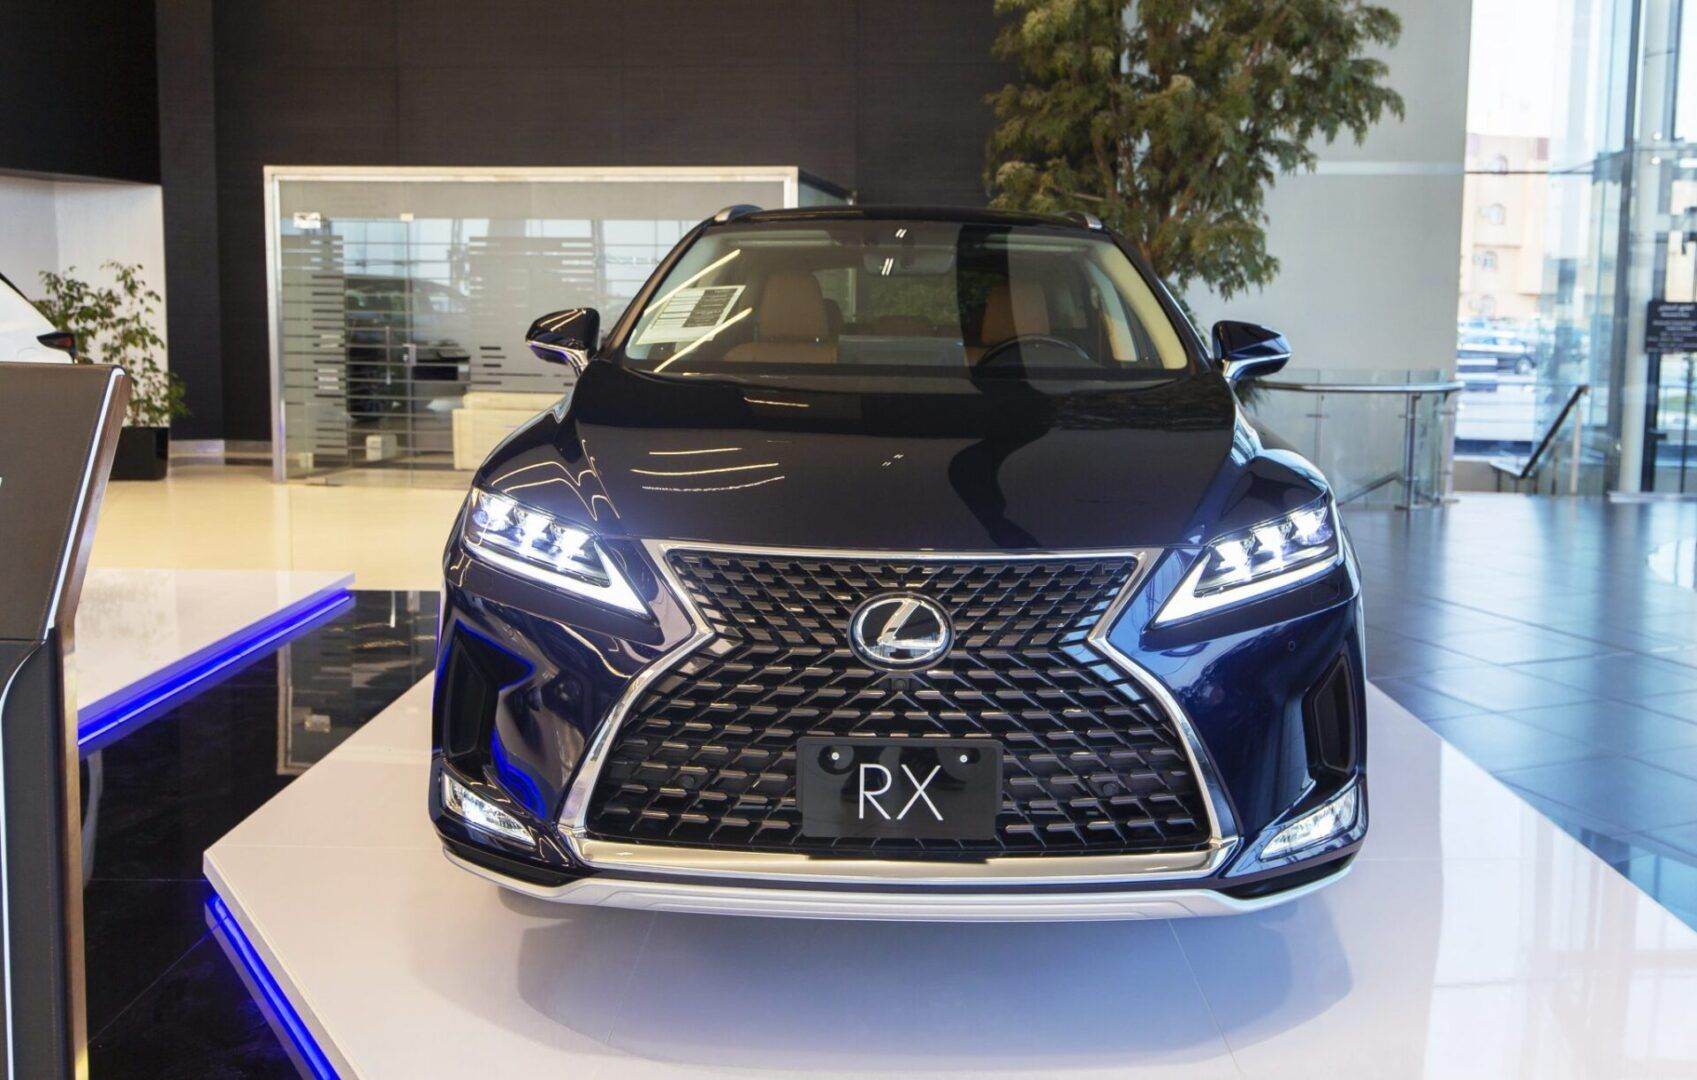 لكزس RX موديل 2021 أبرز المميزات والأسعار في السعودية